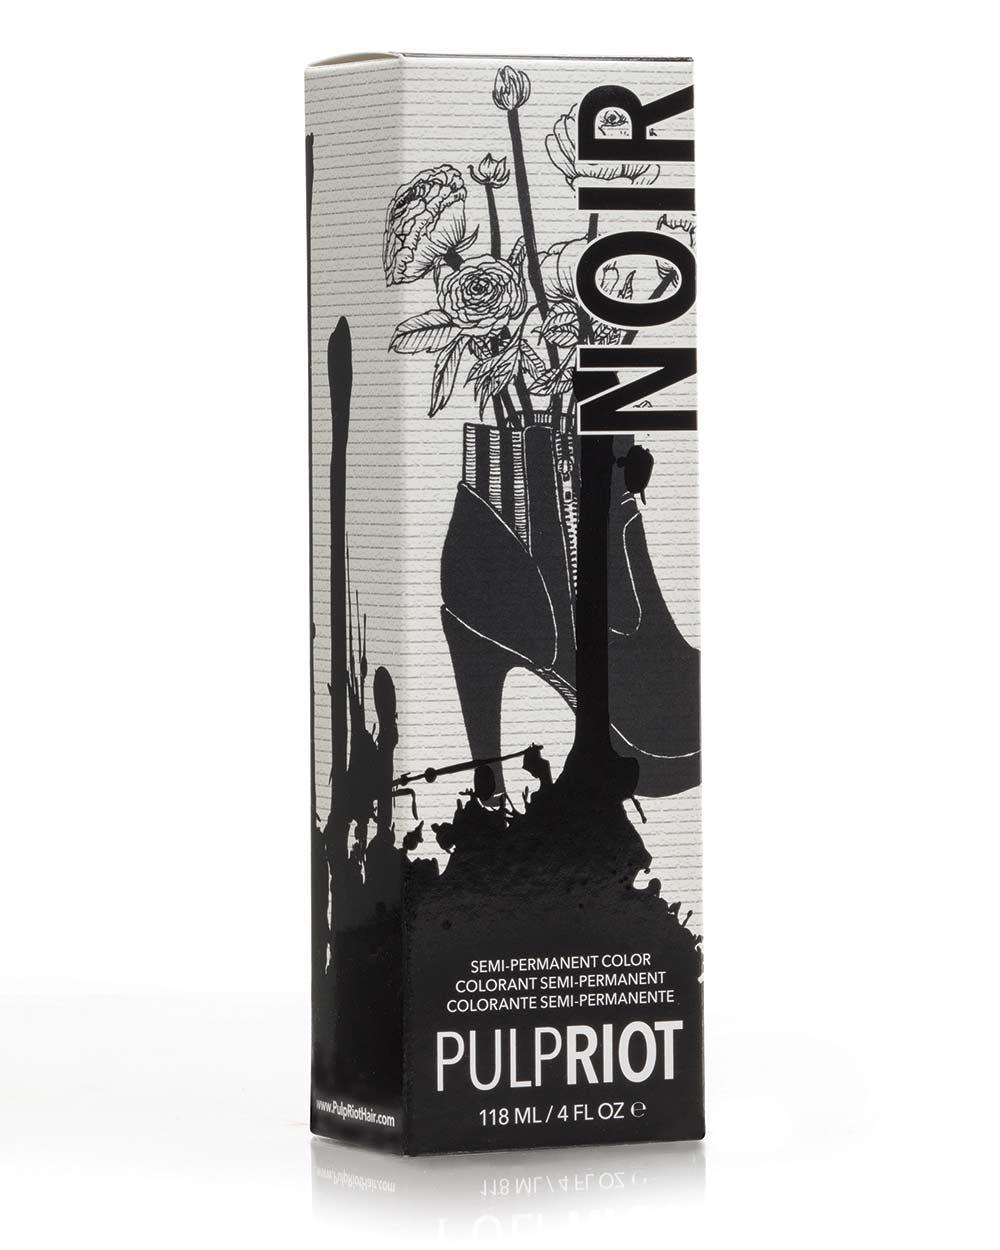 Pulp-Riot-01.jpg